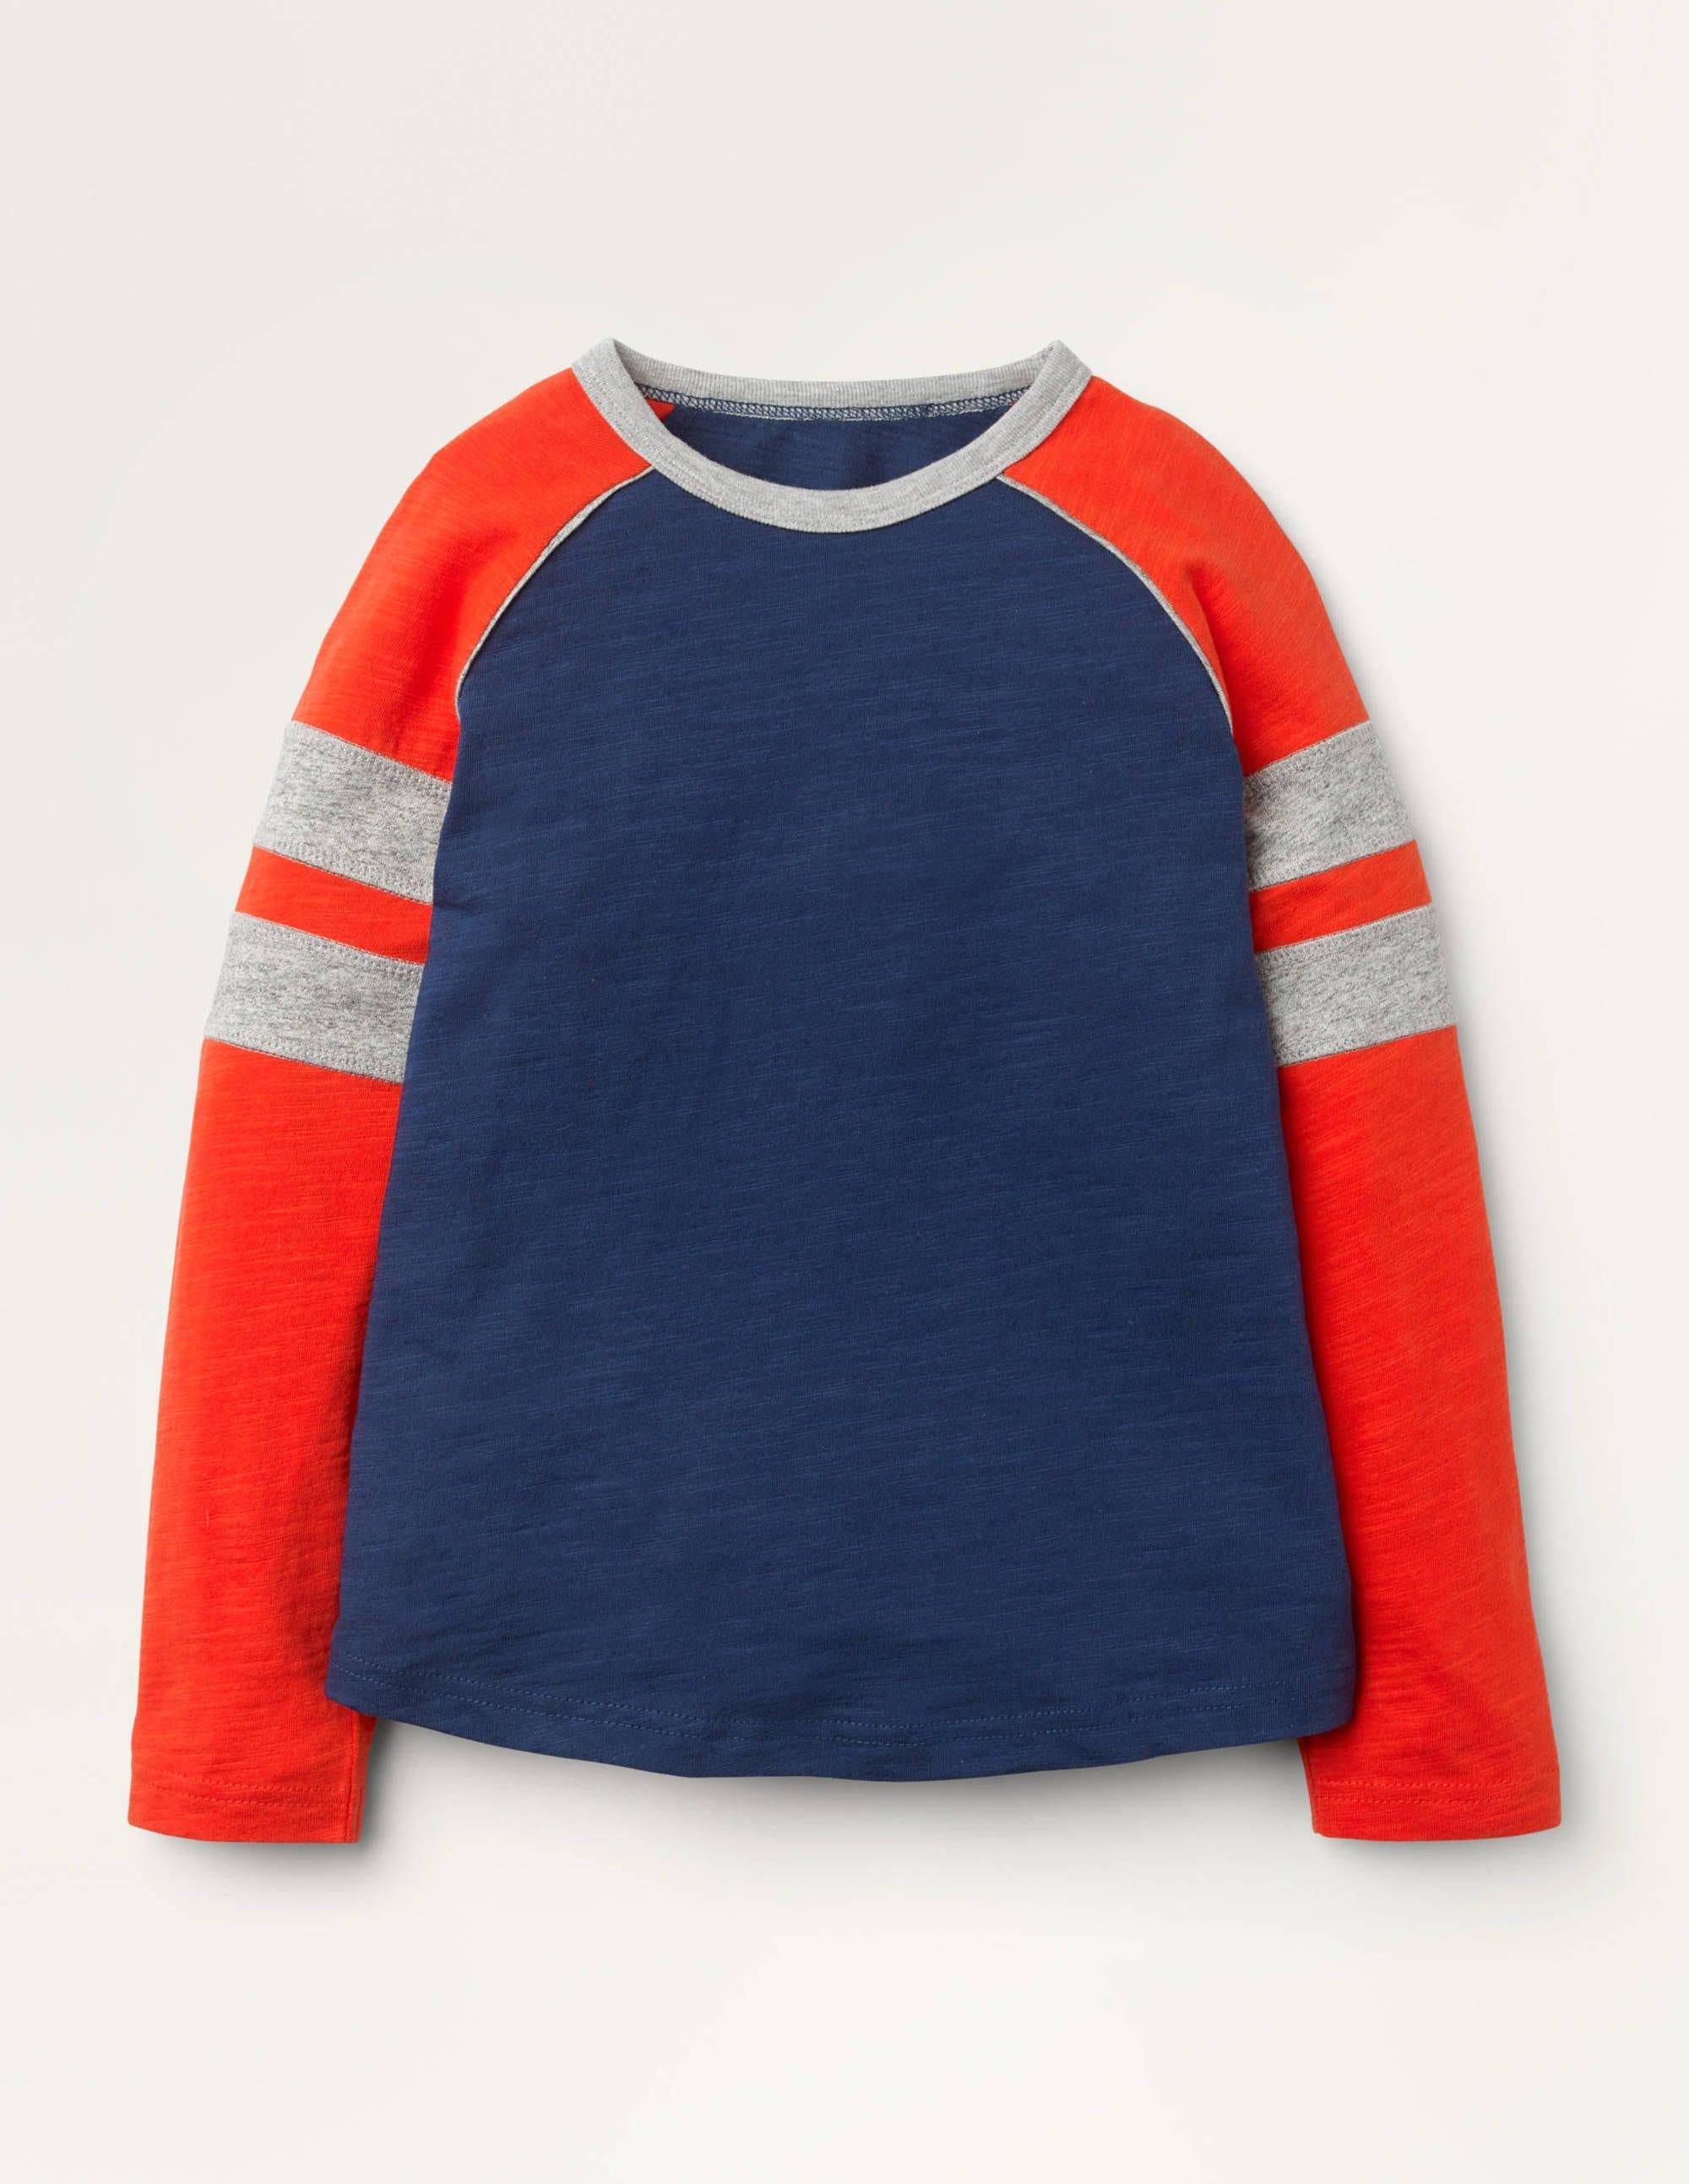 Boden WO104 Supersoft tee T-Shirt